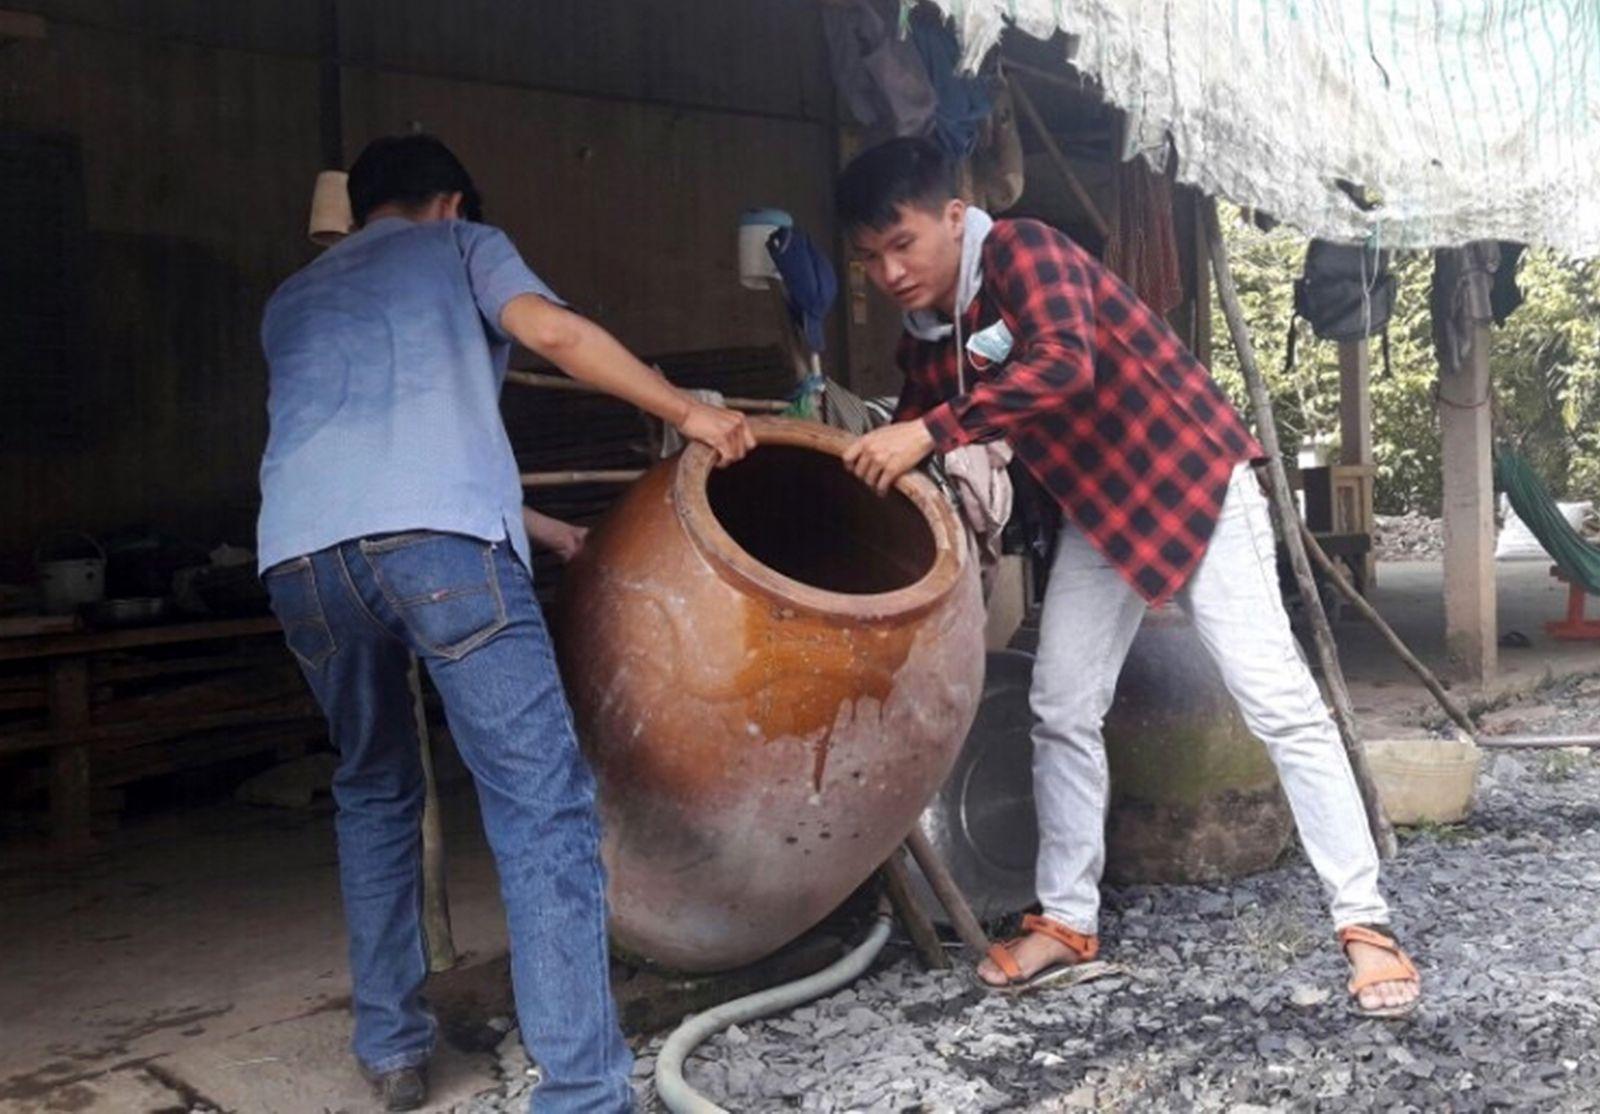 Cán bộ y tế quận Bình Thủy đổ bỏ dụng cụ chứa nước có lăng quăng tại hộ dân phường Long Hòa.